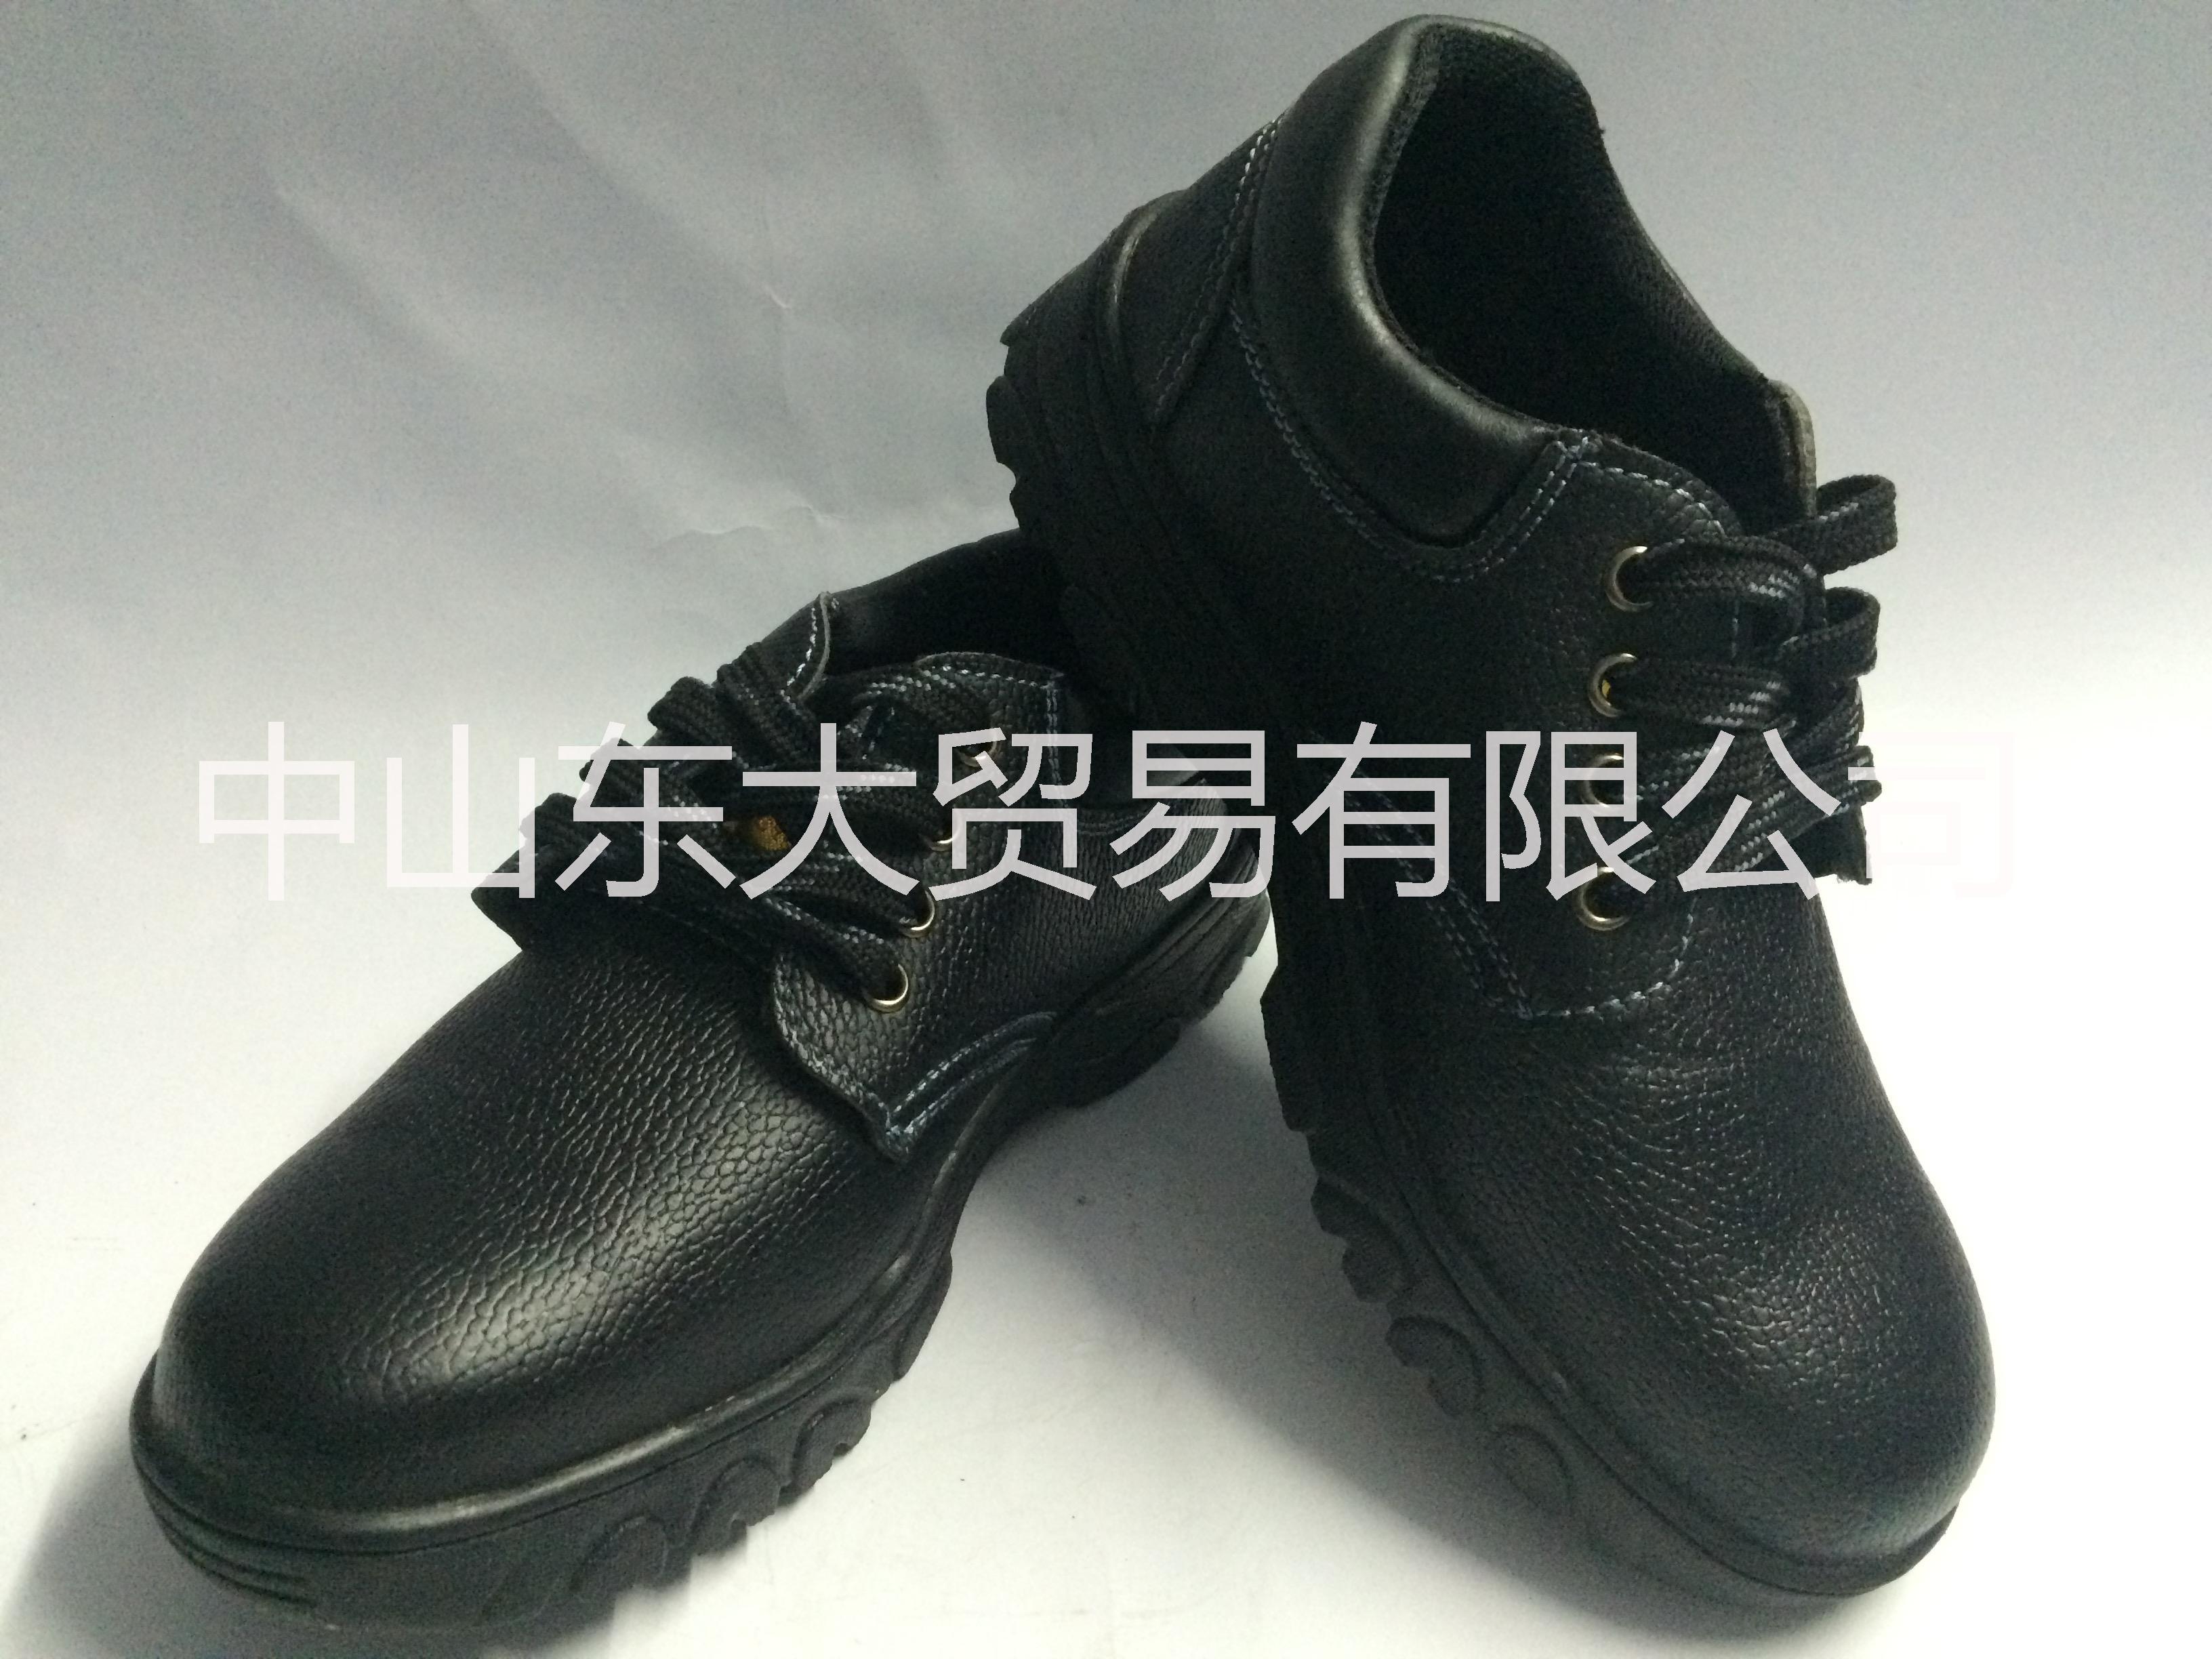 恒健822防滑钢头鞋 劳保鞋 工作鞋 防护鞋 安全鞋中山劳保批发